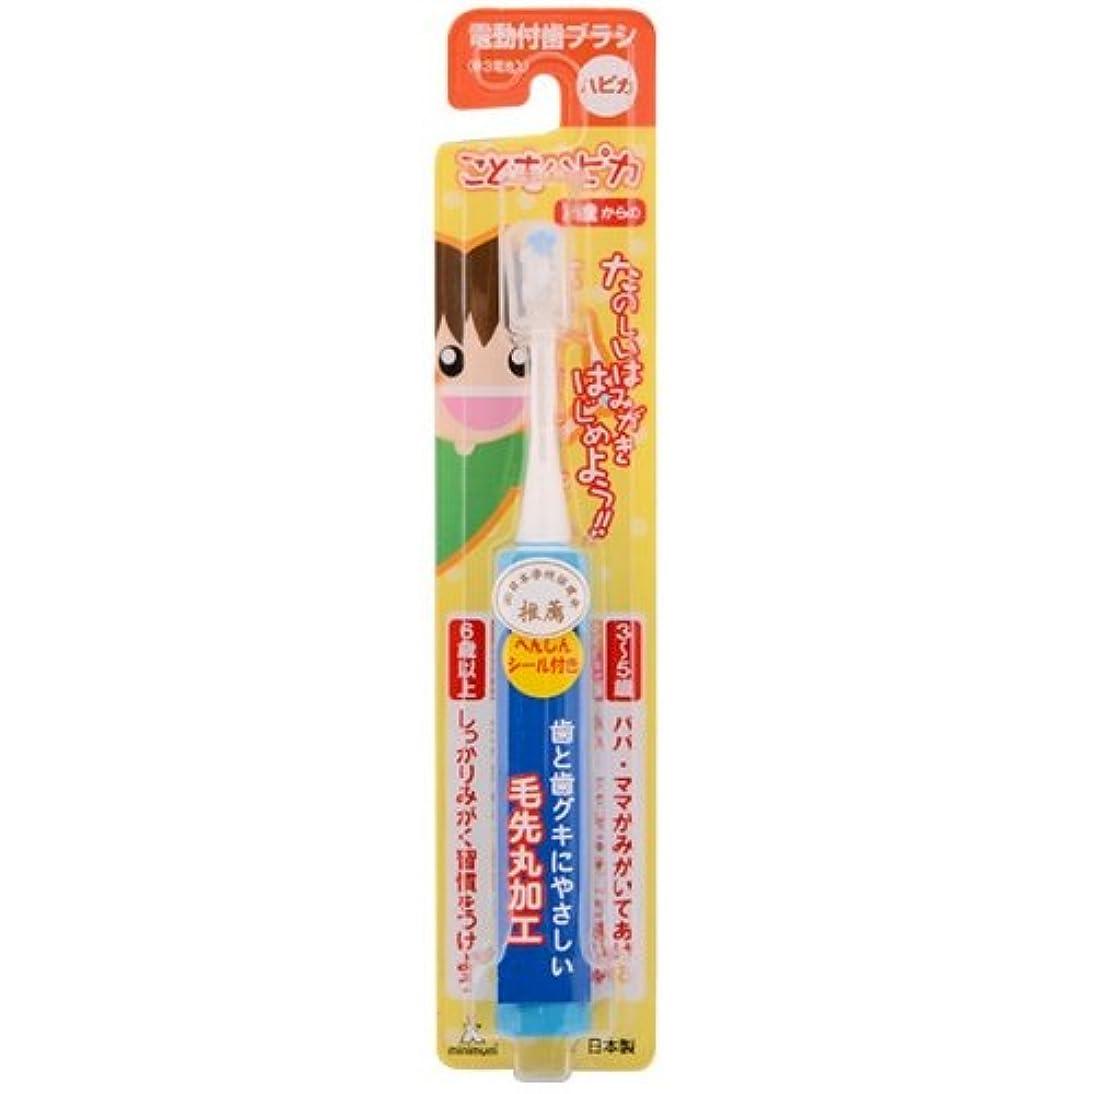 豚肉平野グレートバリアリーフミニマム 電動付歯ブラシ こどもハピカ ブルー 毛の硬さ:やわらかめ DBK-1B(BP)